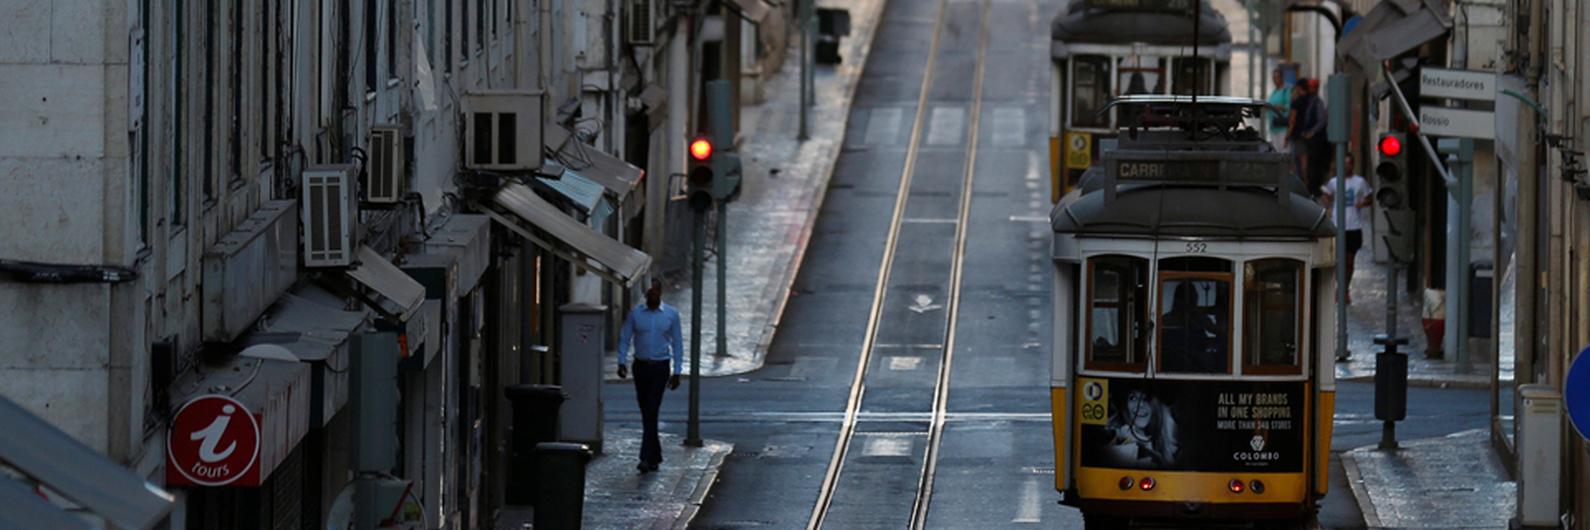 Lisboa é a capital europeia com as rendas mais baratas